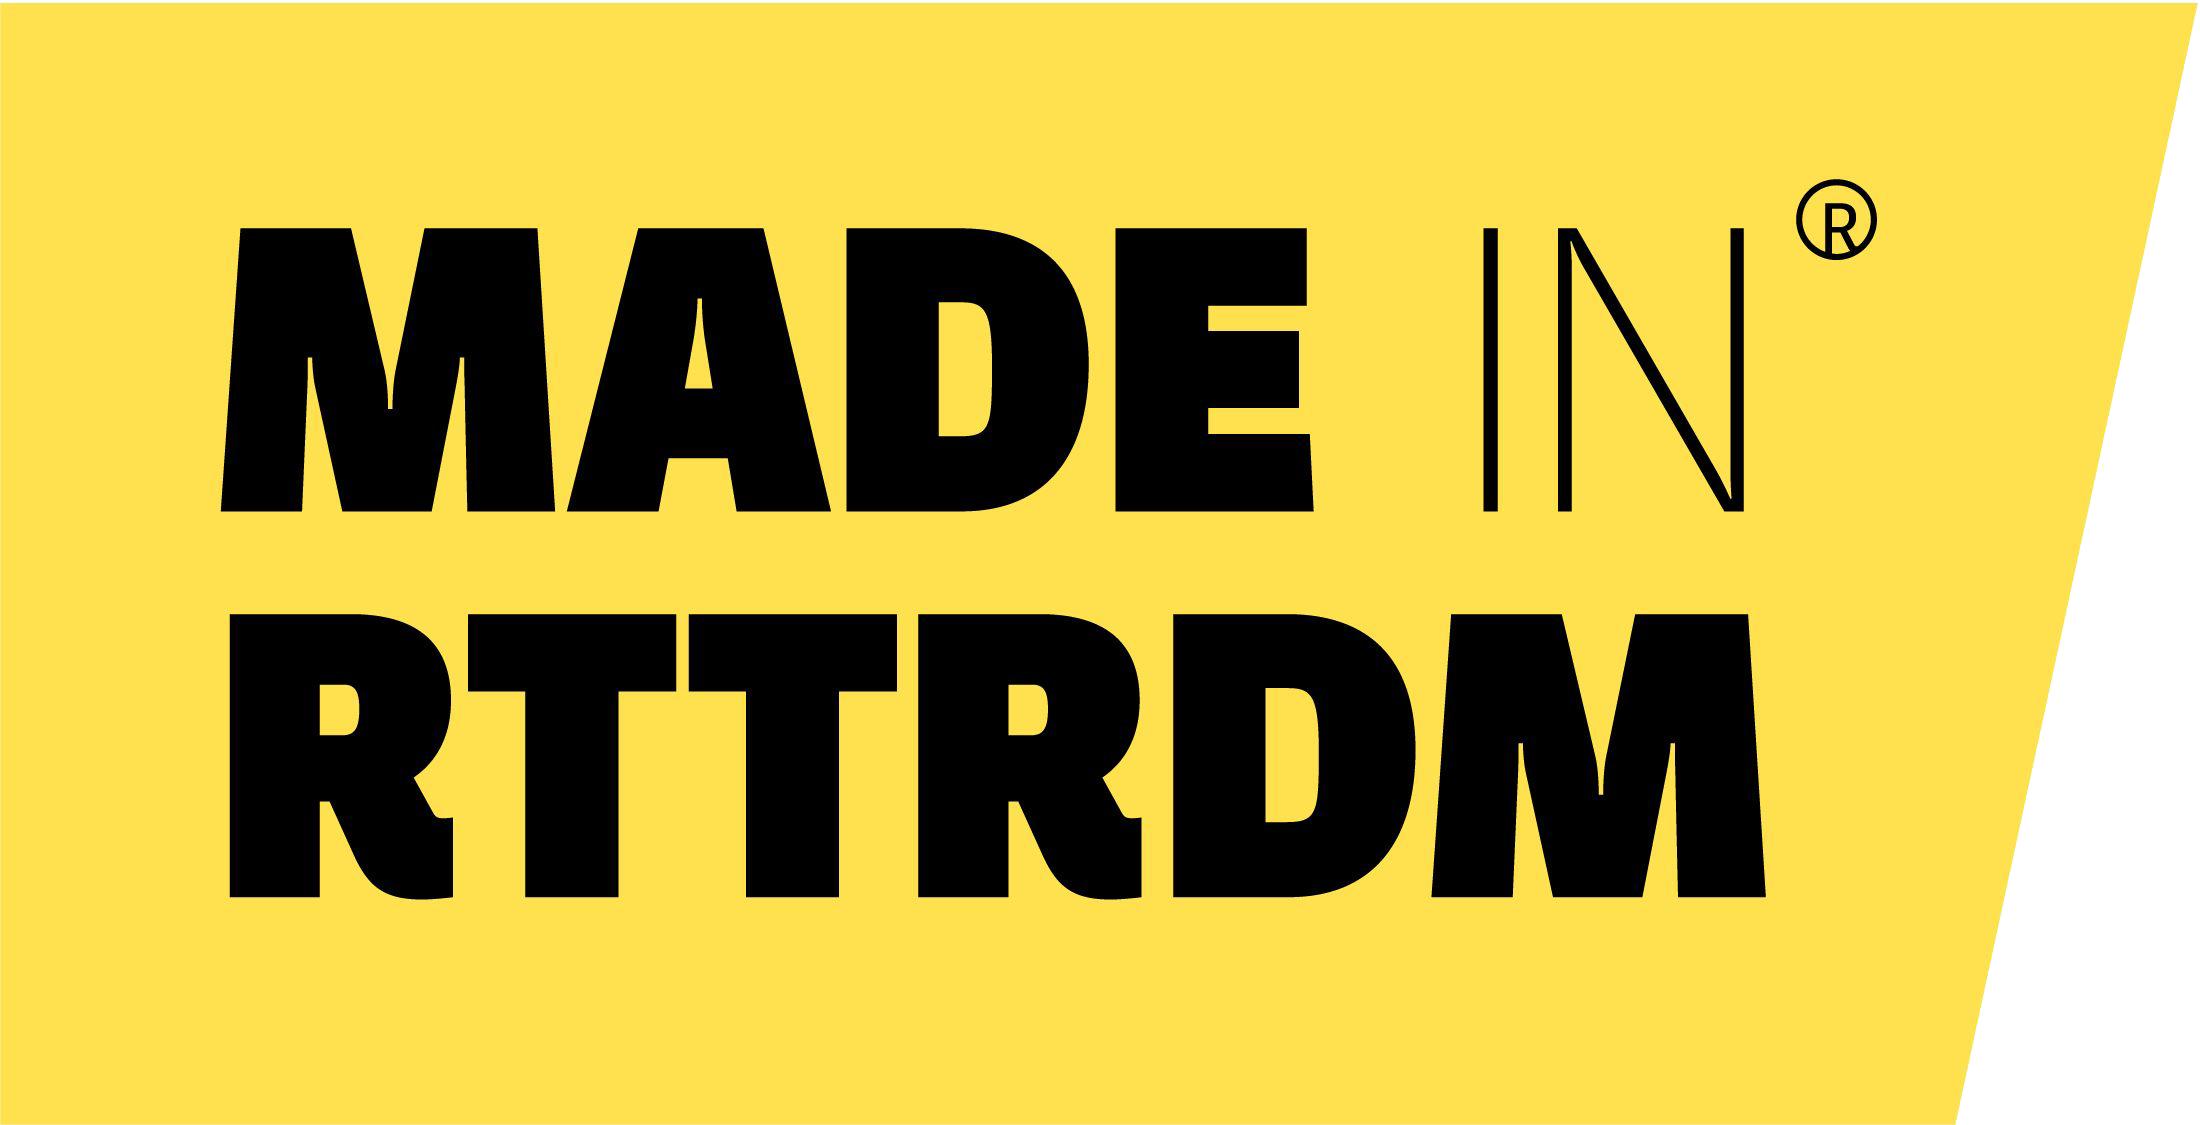 Made in RTTRDM